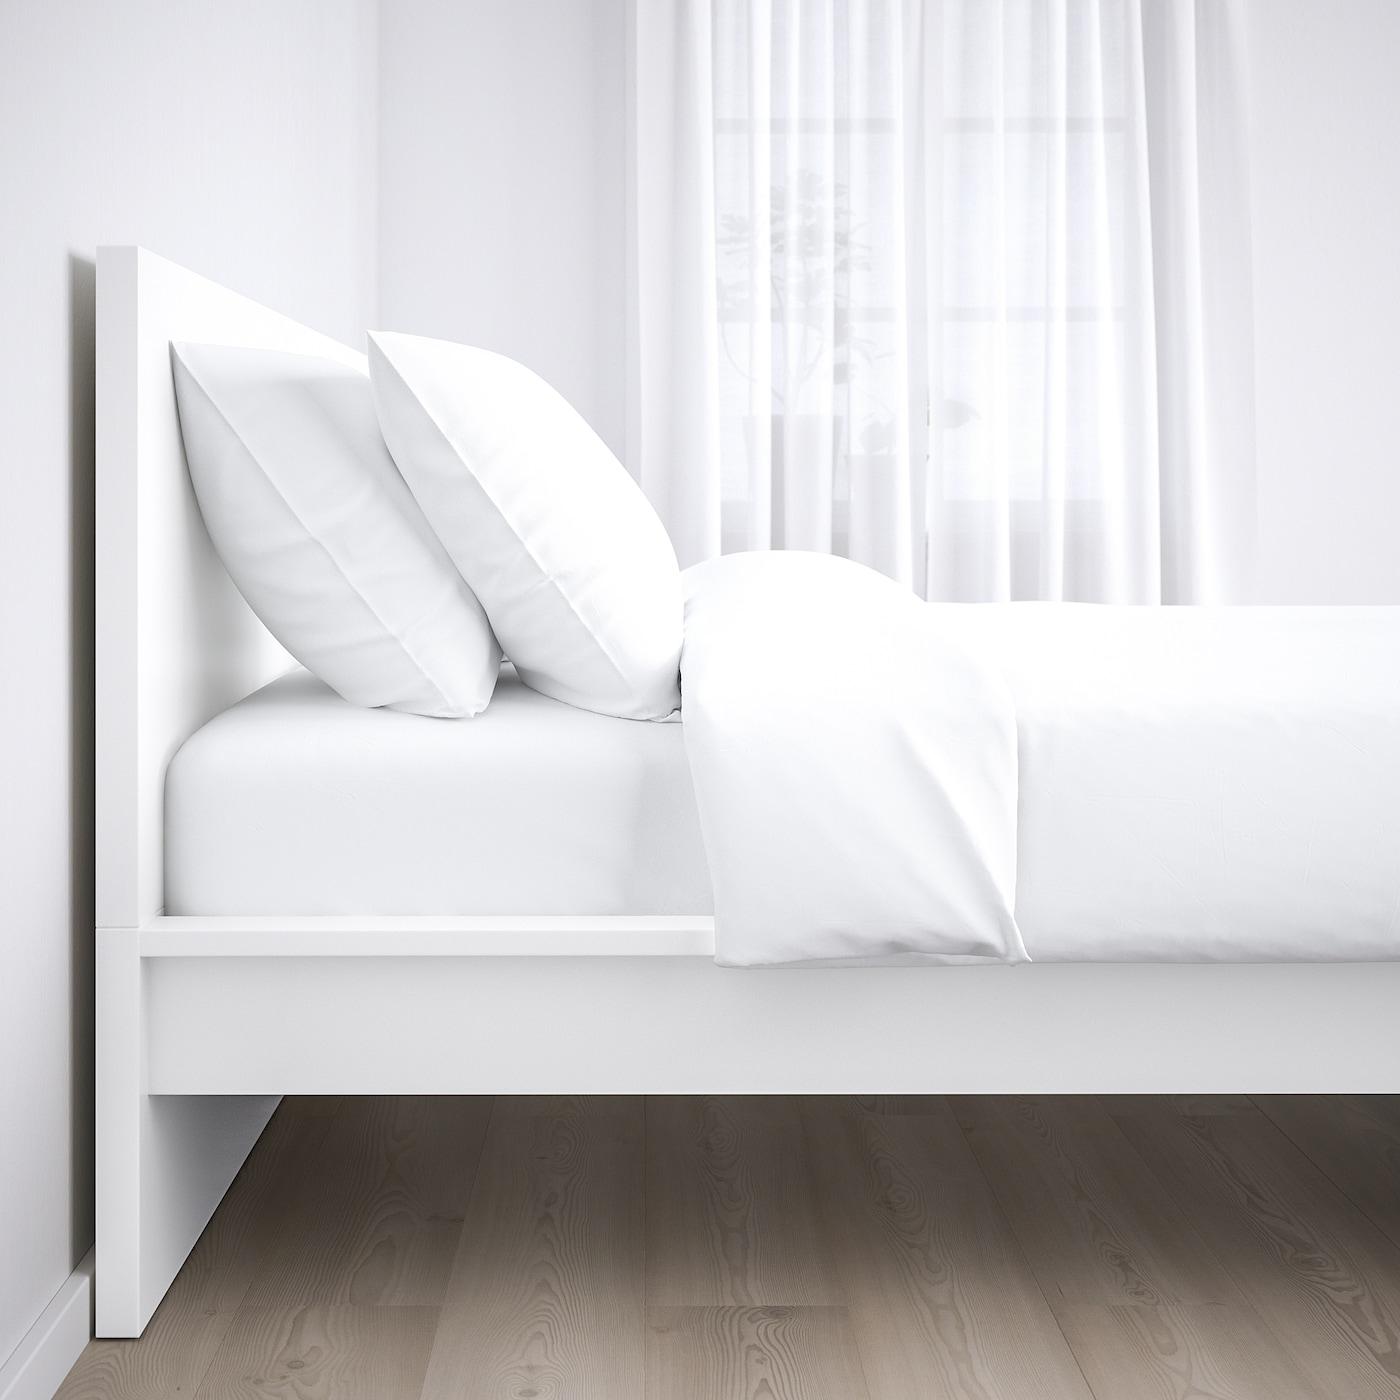 Malm Bettgestell 160cm Breite Fur Kleinere Schlafzimmer Ikea Osterreich